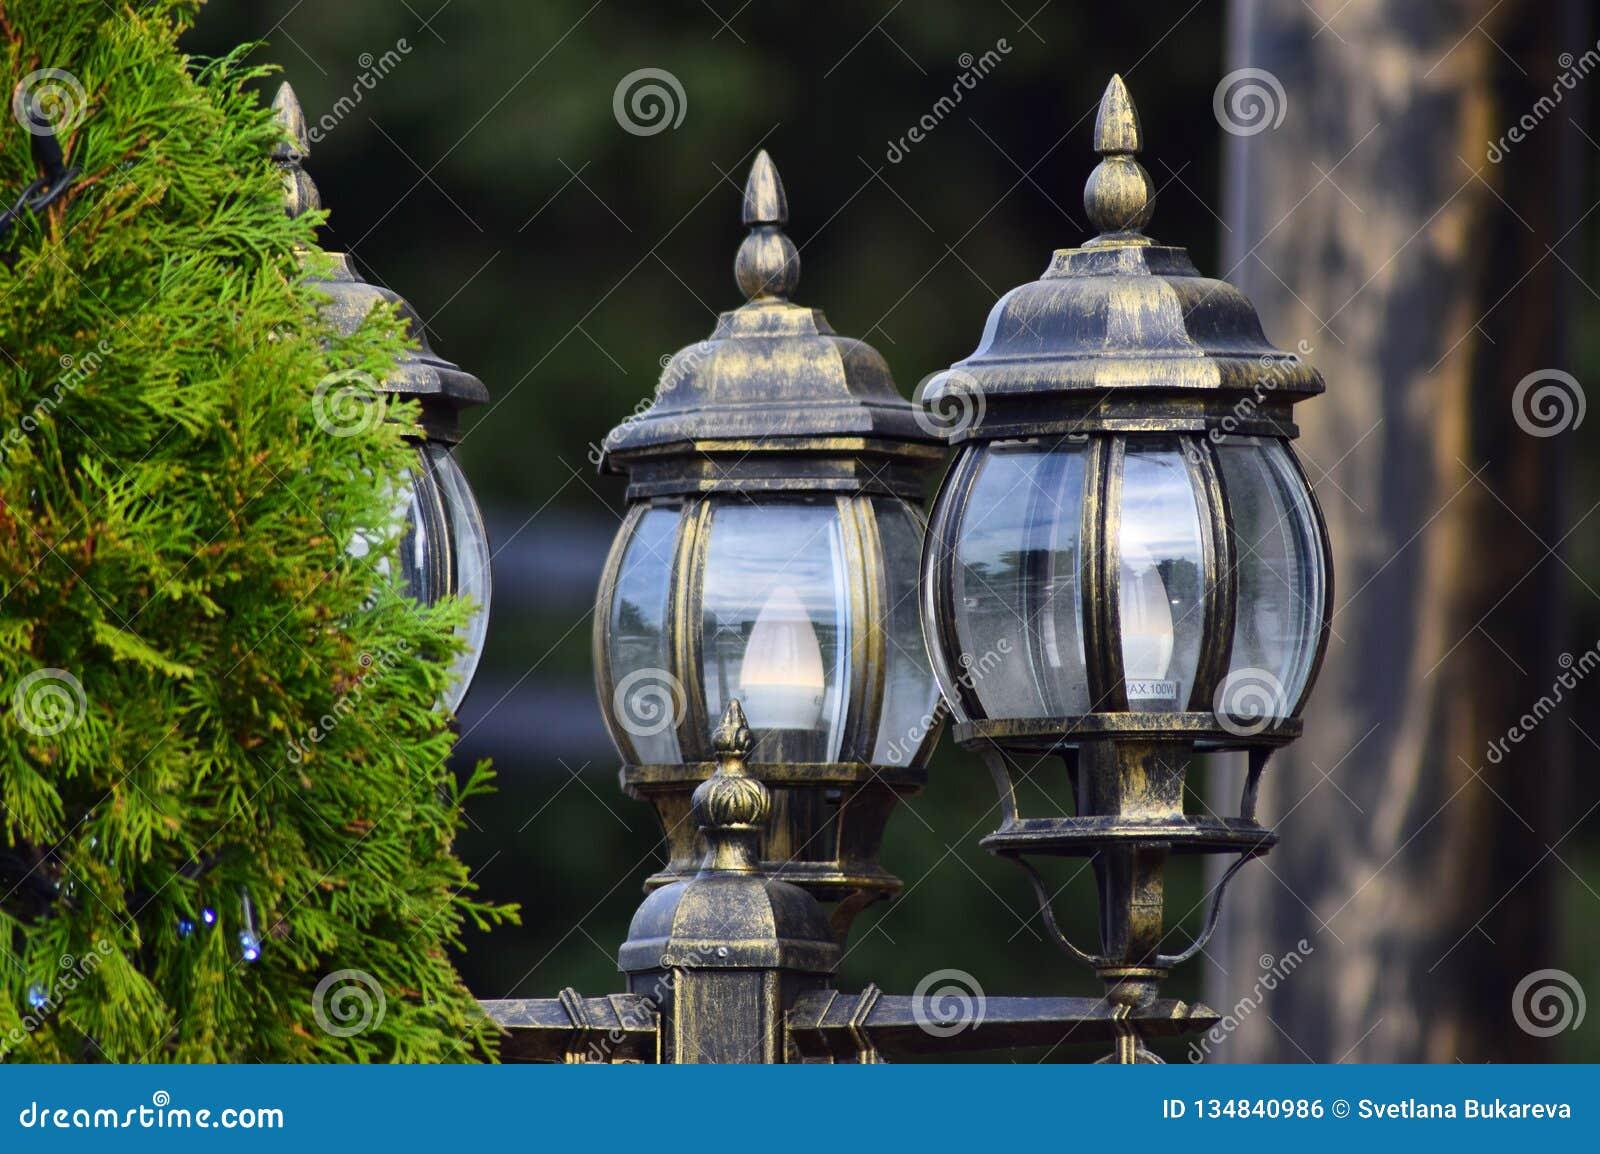 Όμορφοι φωτεινοί σηματοδότες φιαγμένοι από γυαλί δίπλα σε ένα δέντρο πεύκων